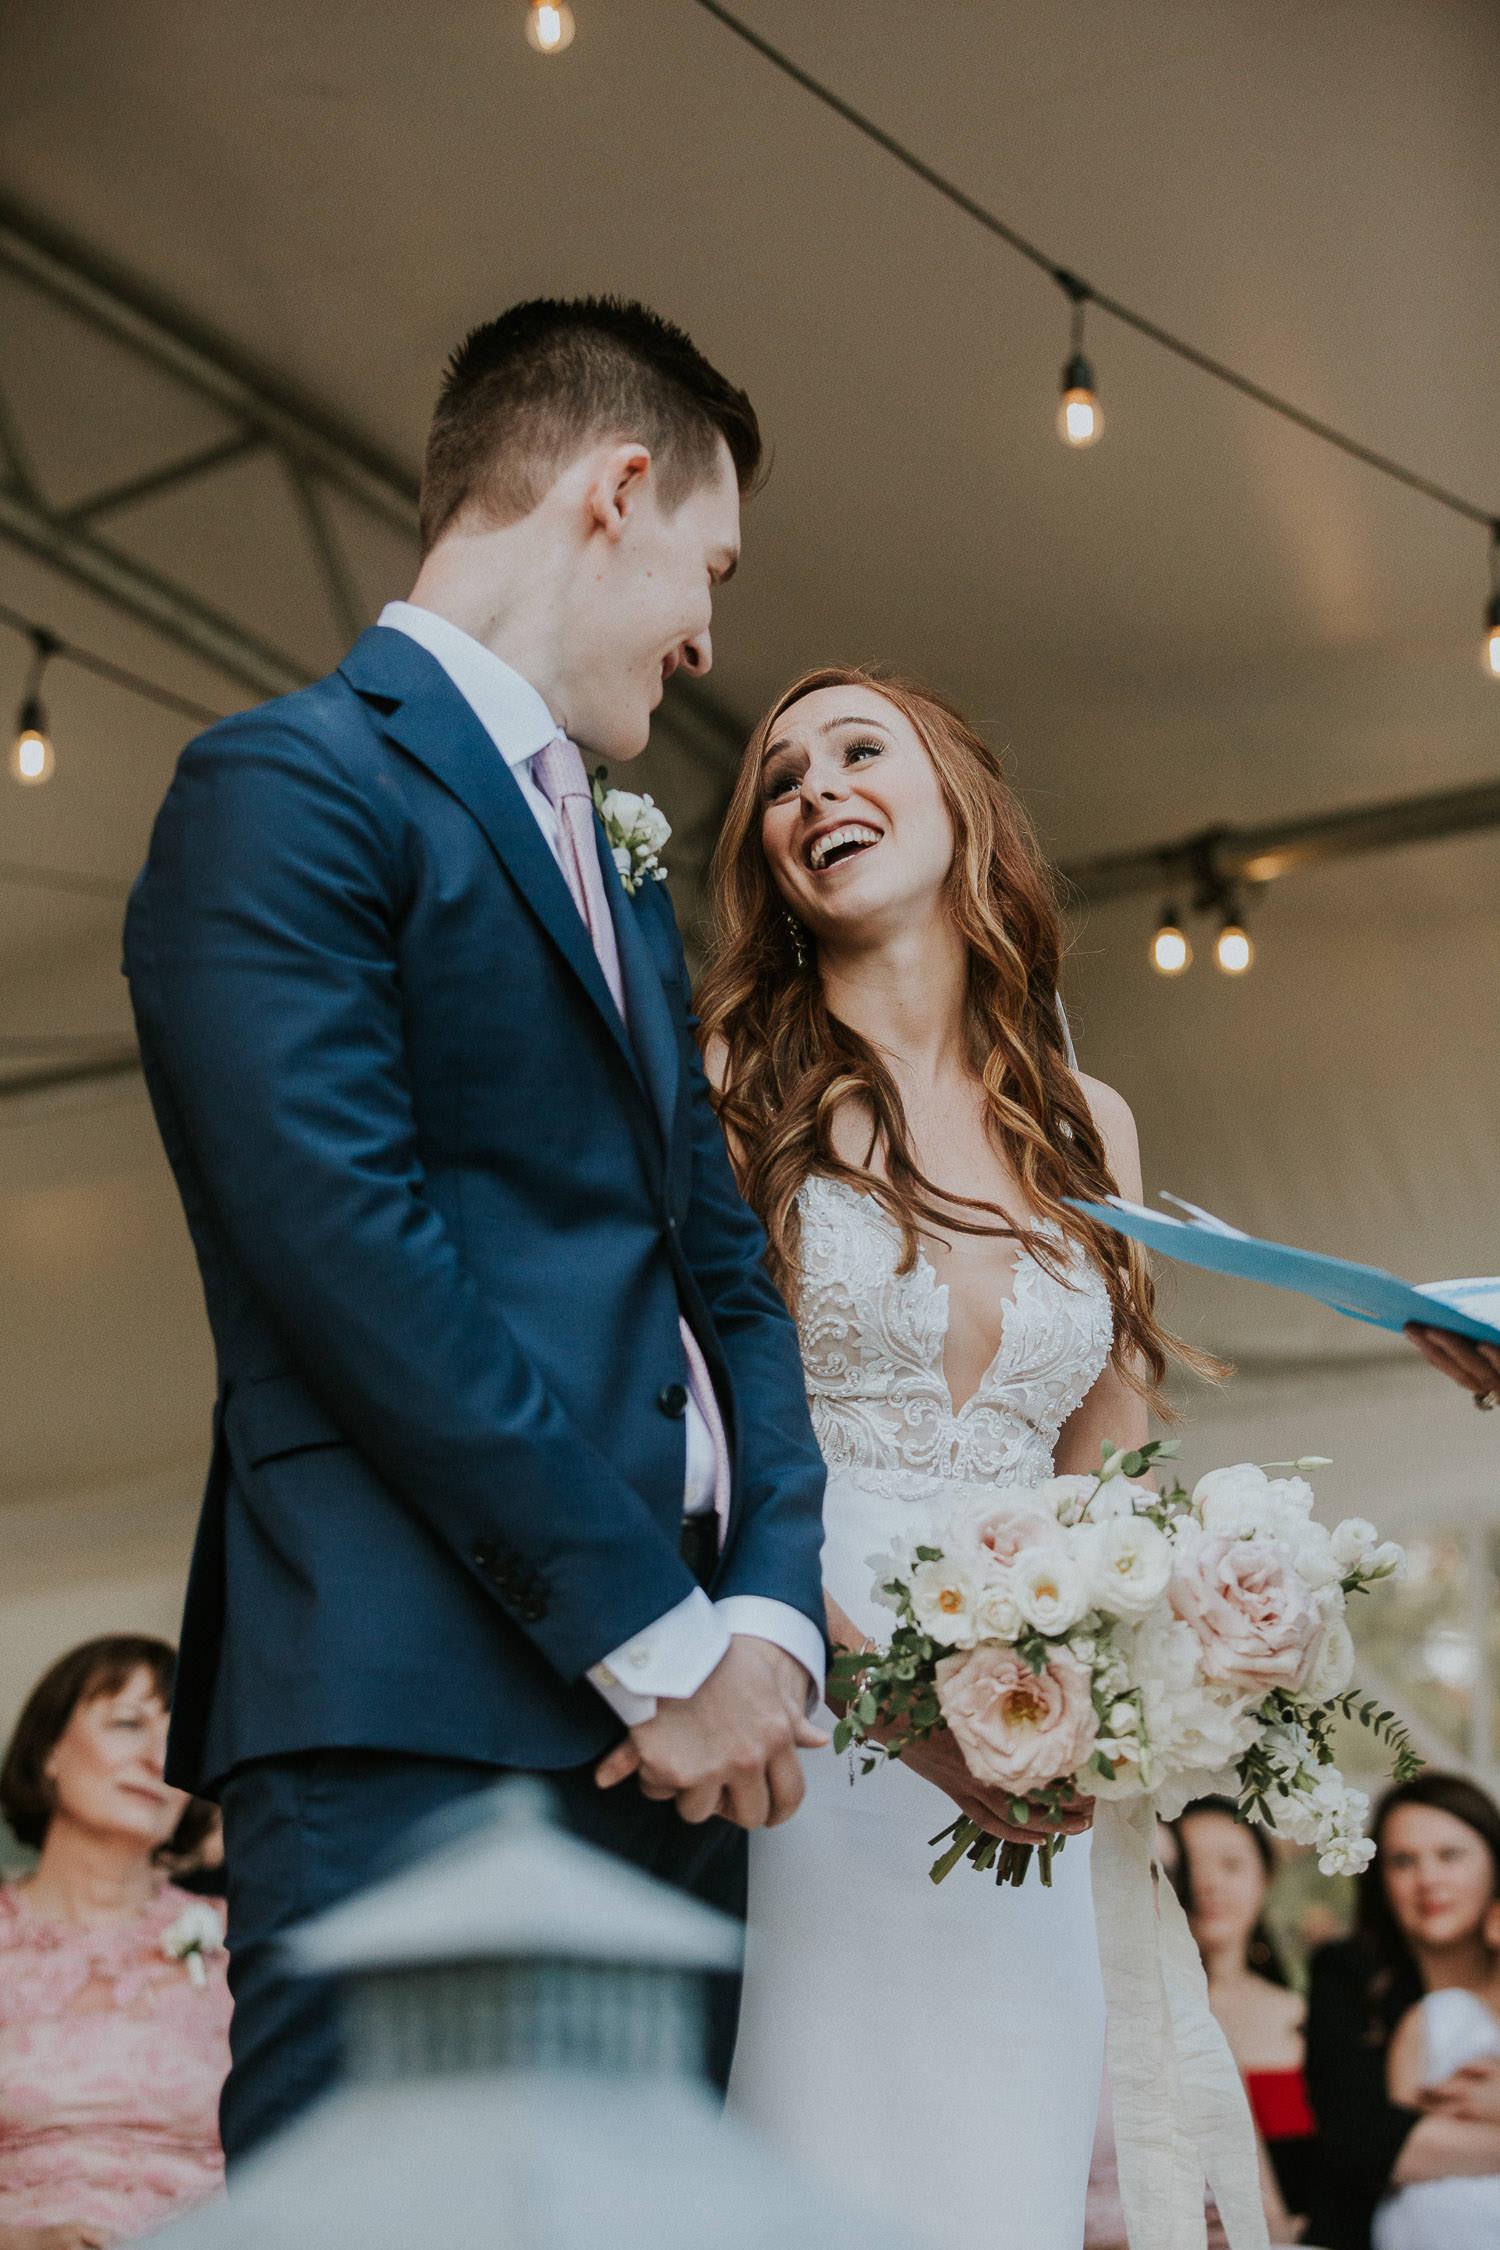 stewart-creek-wedding-sarah-pukin-241